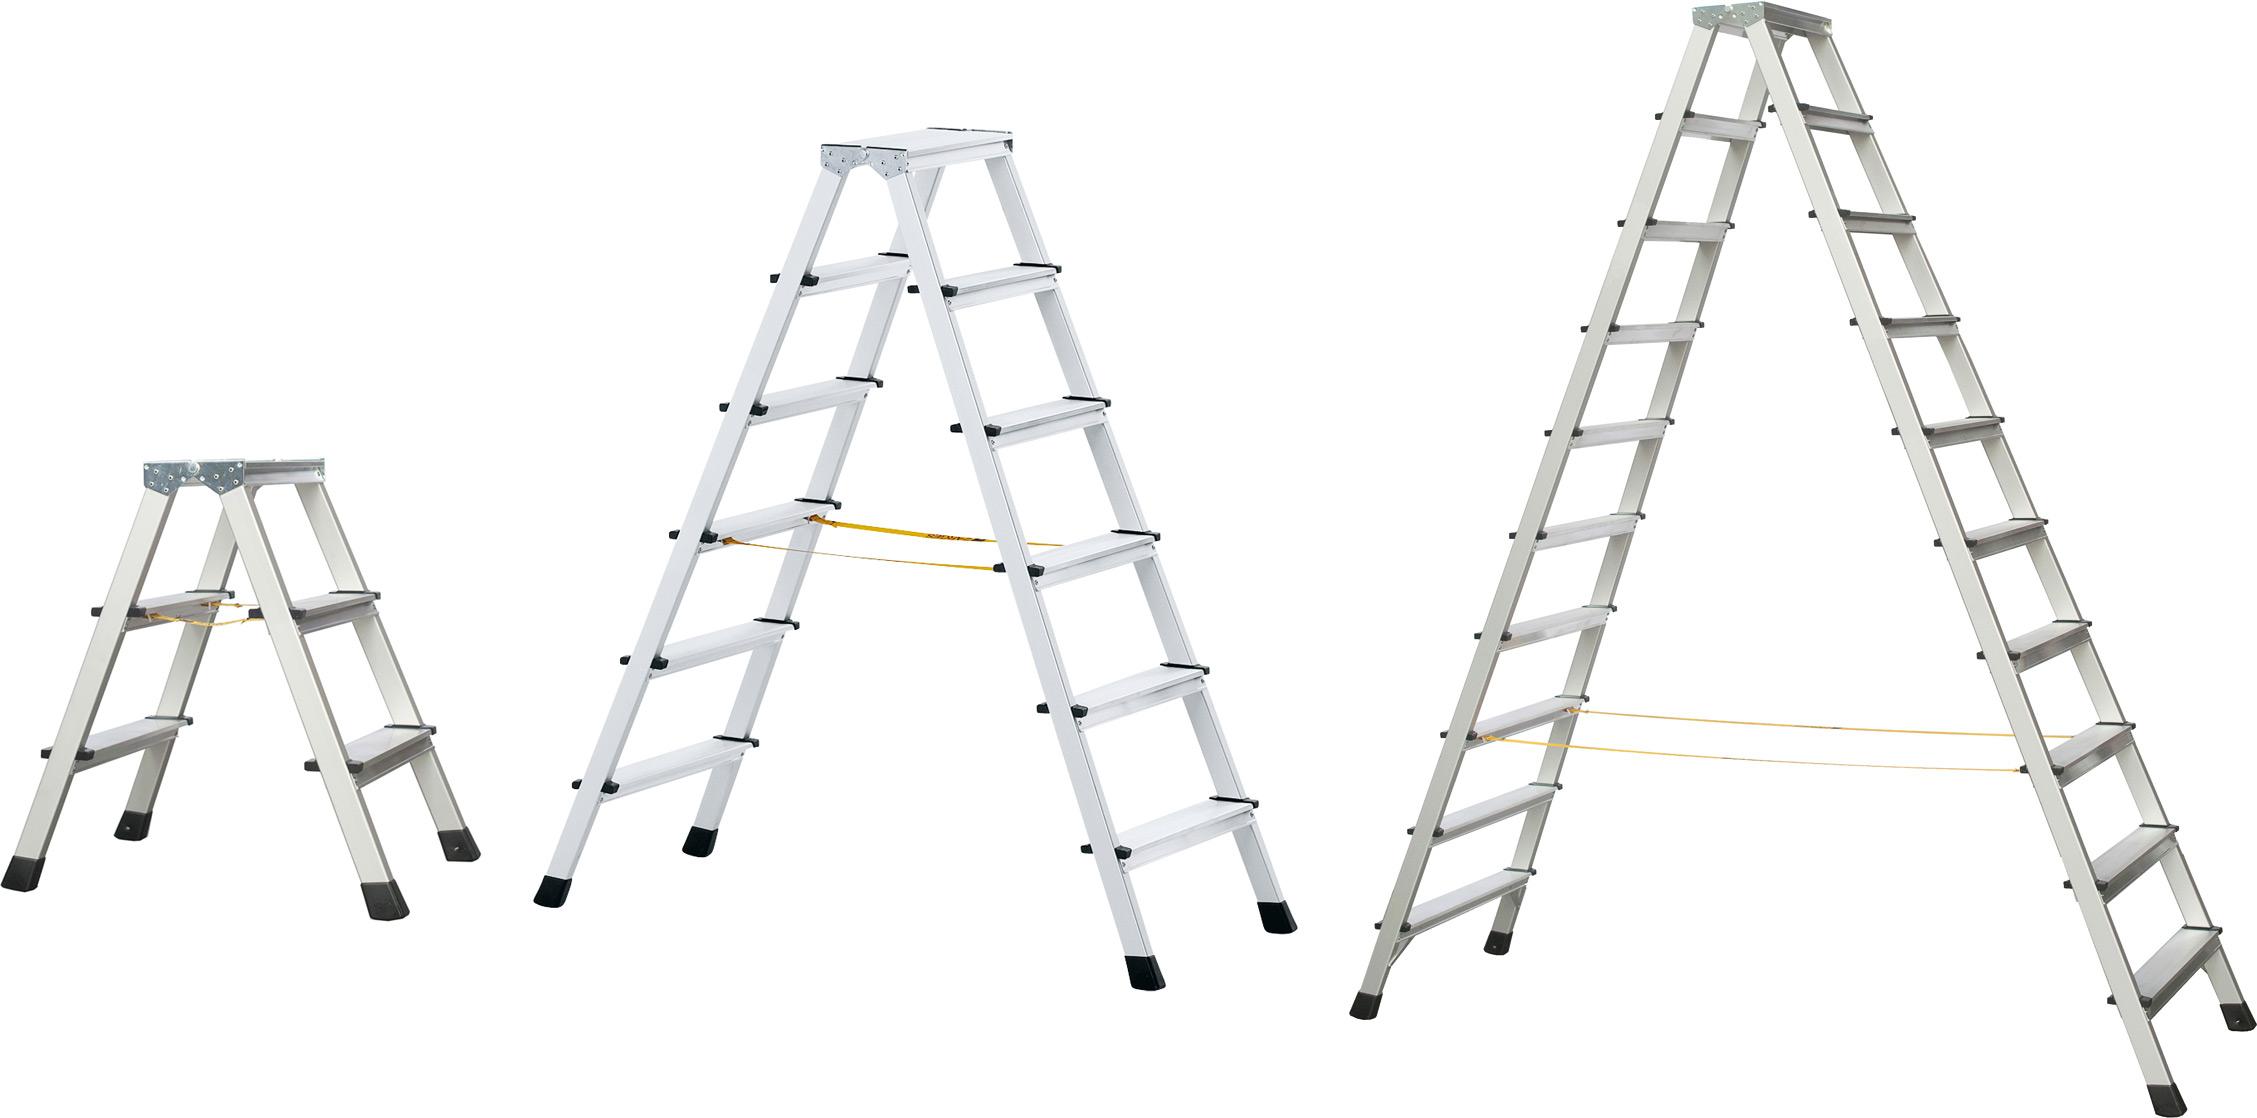 ZARGES Stufen Stehleiter XLstep B - Stufen